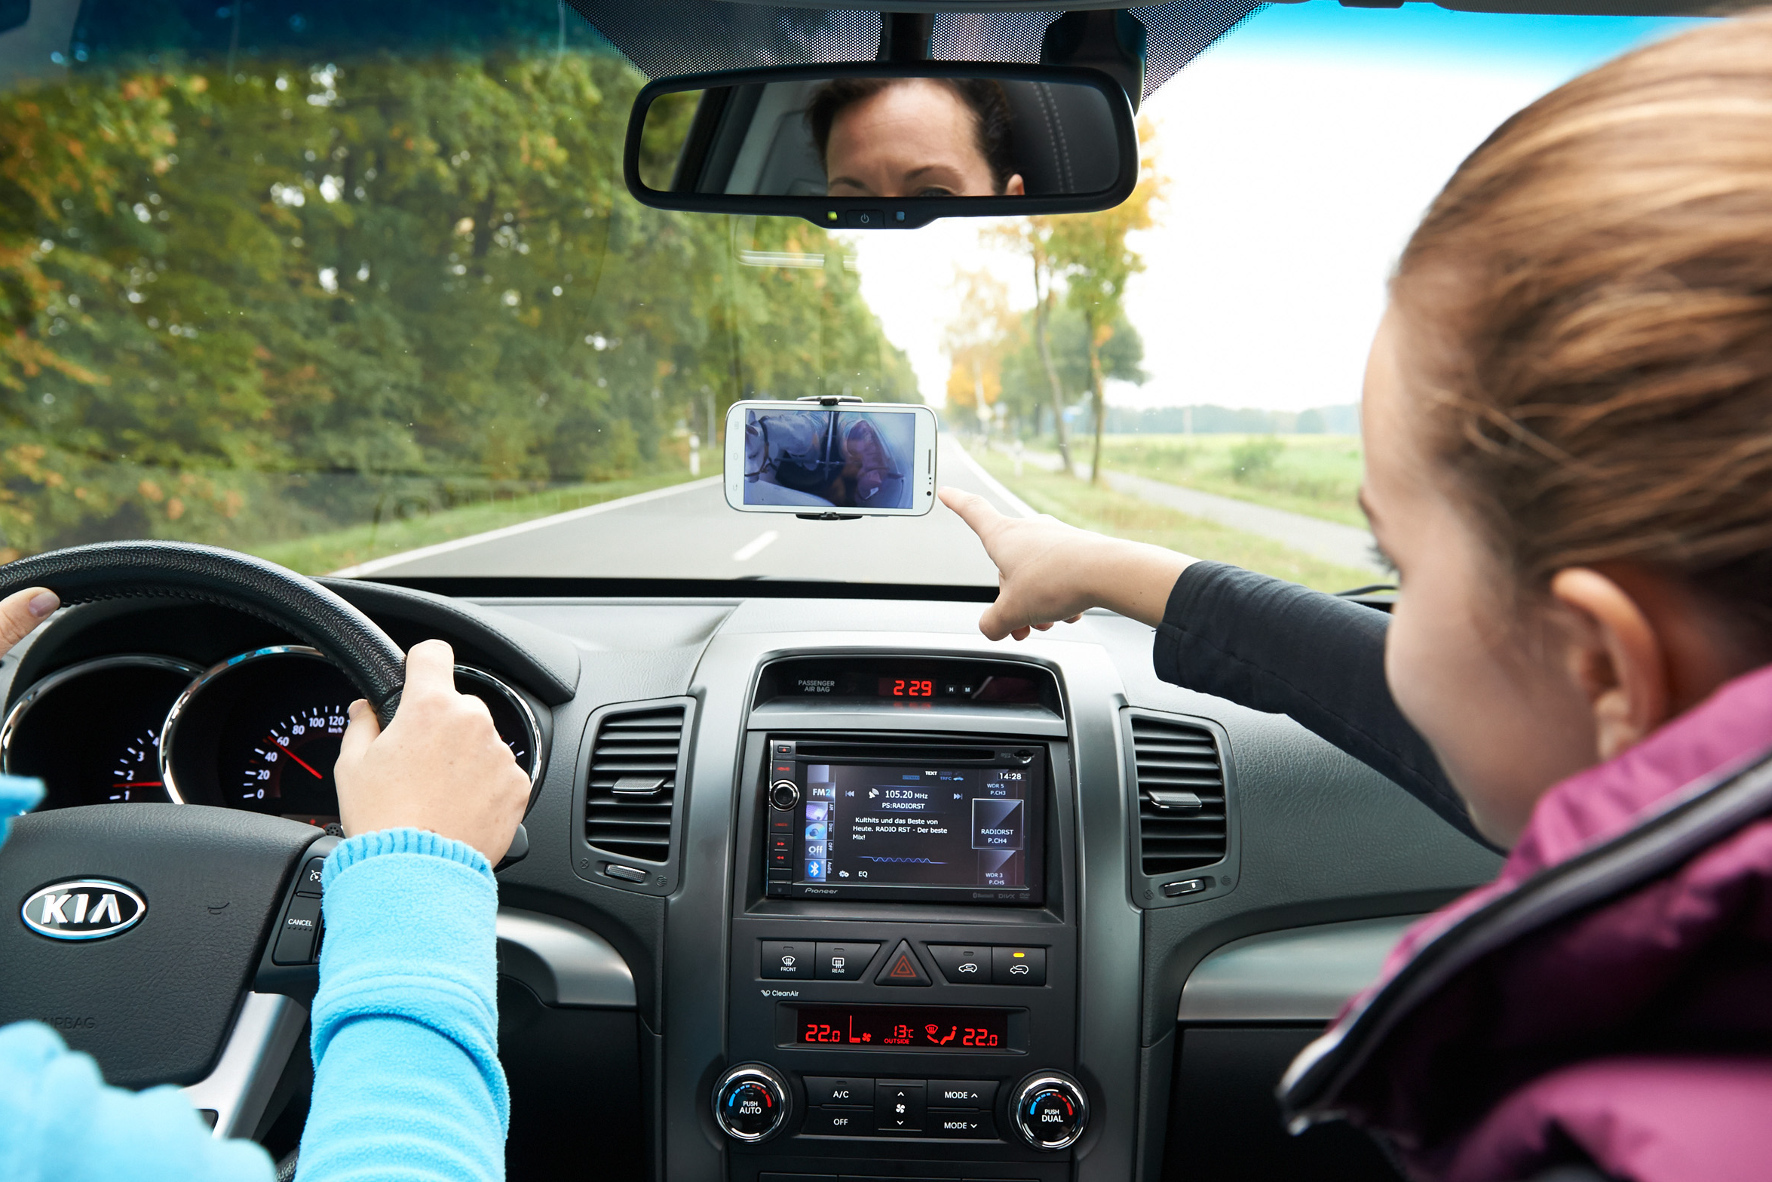 mid Groß-Gerau - Mehr Sicherheit im Transporter und Wohnmobil. Der Rückspiegel an der Windschutzscheibe ist in manchem Fahrzeug nutzlos, da die Sicht nach hinten versperrt ist. Der digitale Rückspiegel von Waeco schafft Abhilfe.